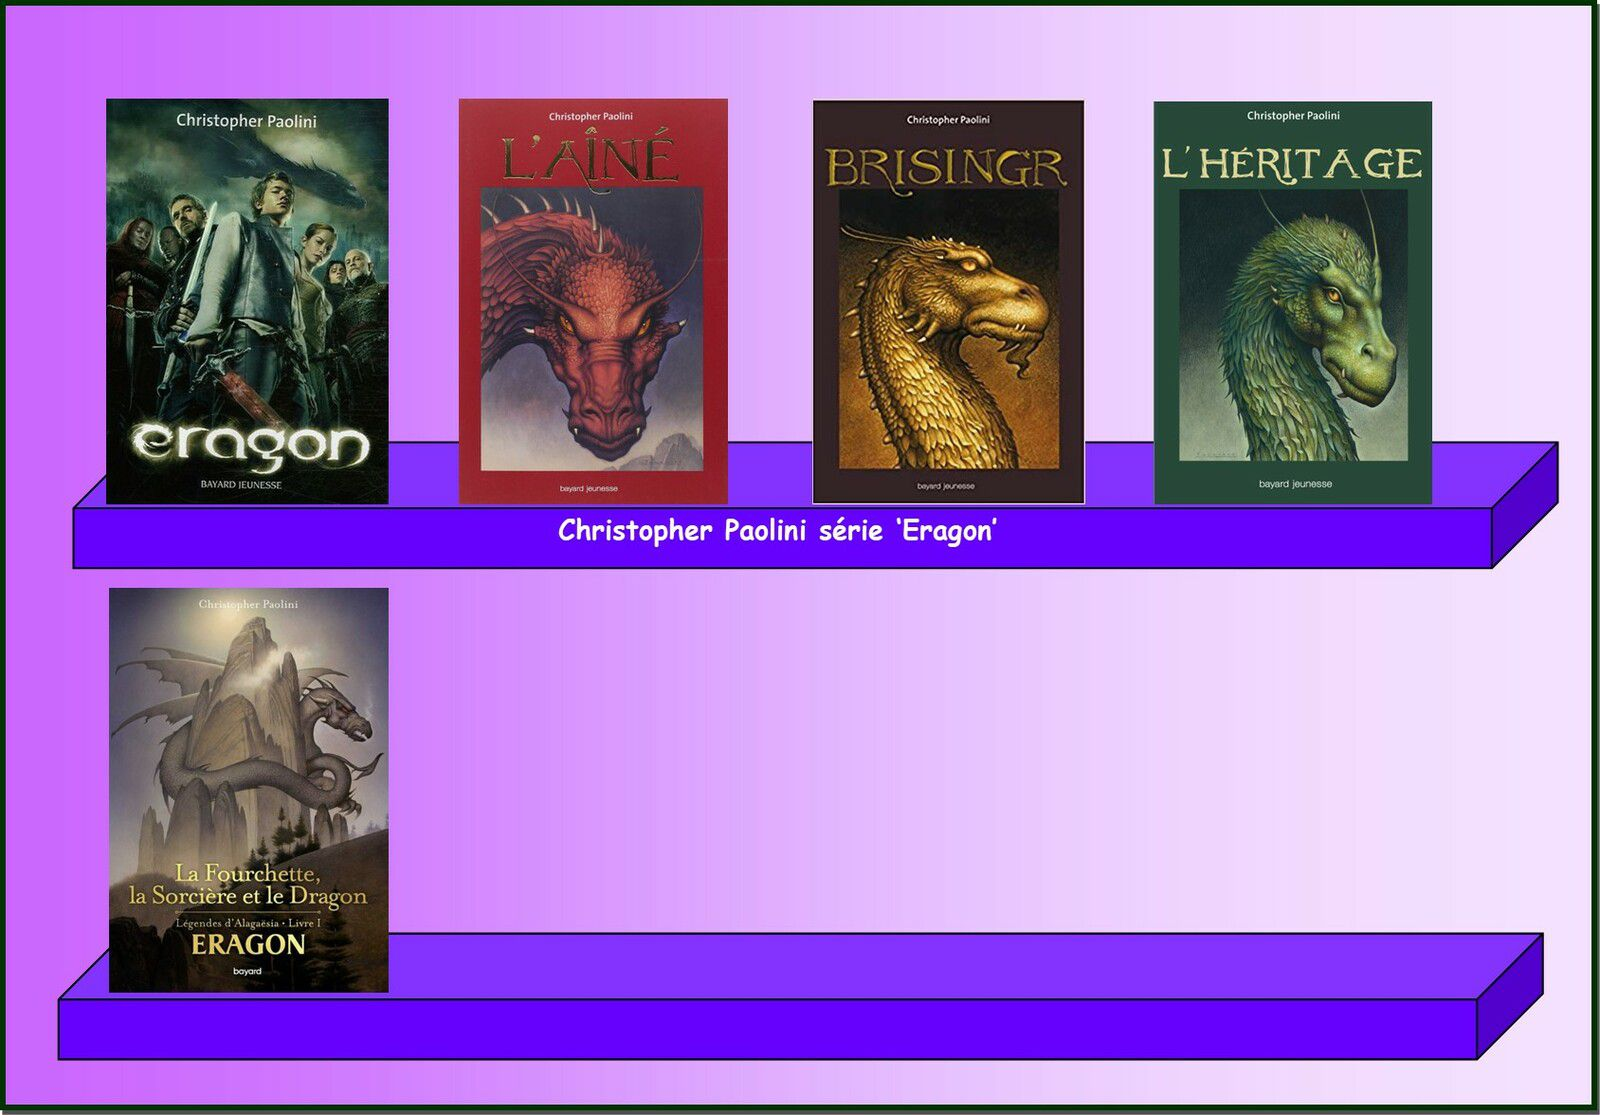 MUSEE PHILIBERT DRAGONNEAU : 3 Collection de Livres sur les Dragons